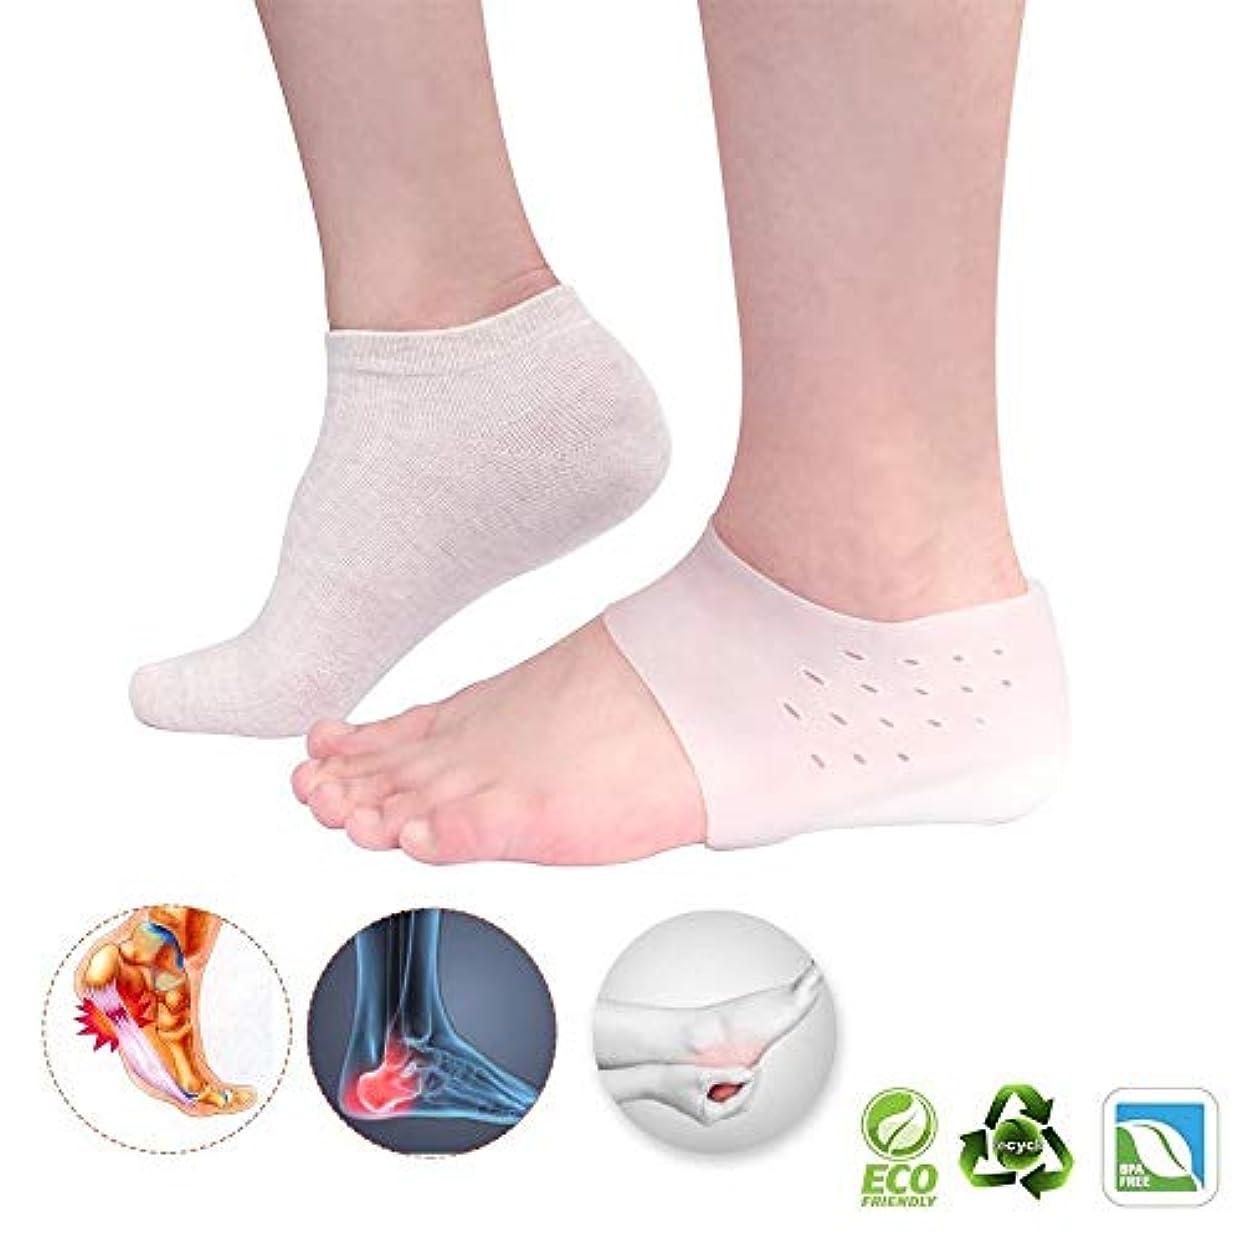 邪魔するジェームズダイソン舌な高さ増加ジェルスリーブ-足底筋膜炎、足のクッションの男性の女性のためのゲルヒールの高さ見えないエレベーター、パッド、シリコーン見えないヒールプロテクターMen-3.5 cm